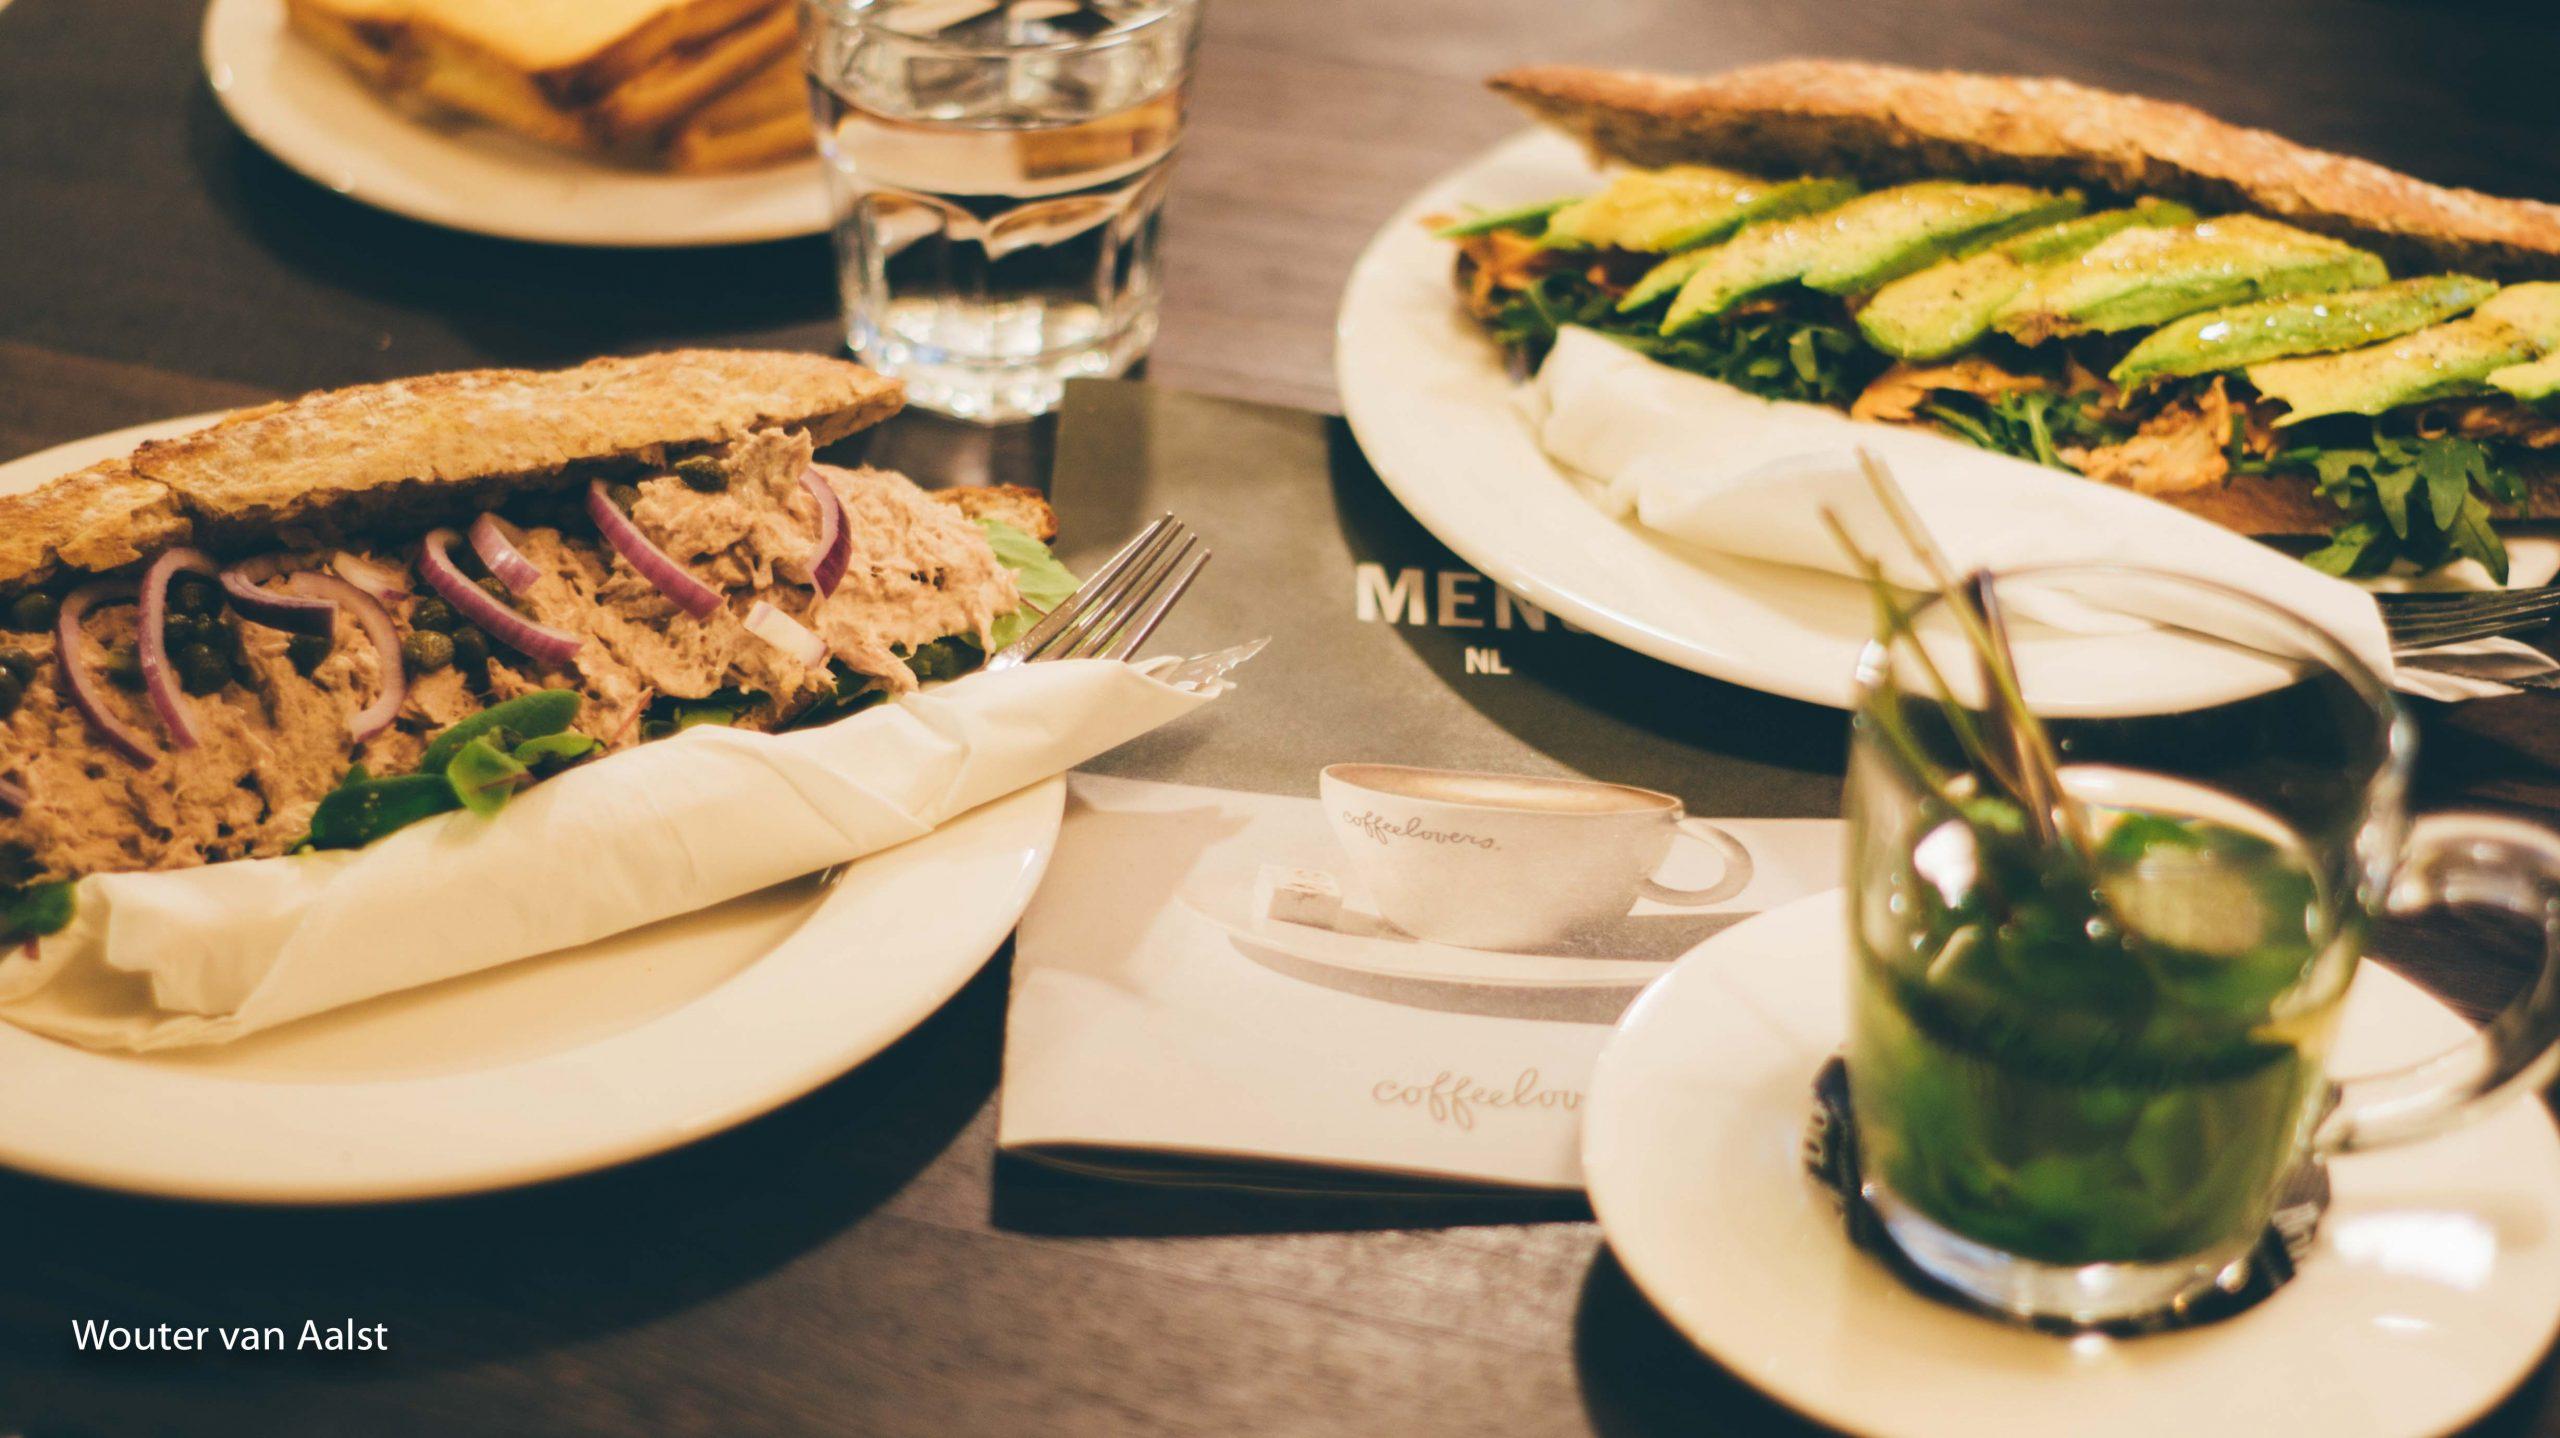 coffeelovers, nijmegen, tonijn broodje, avocado humus kip broodje, wouter van aalst, personal trainer, foodhotspot, blog, koffie, chia latte